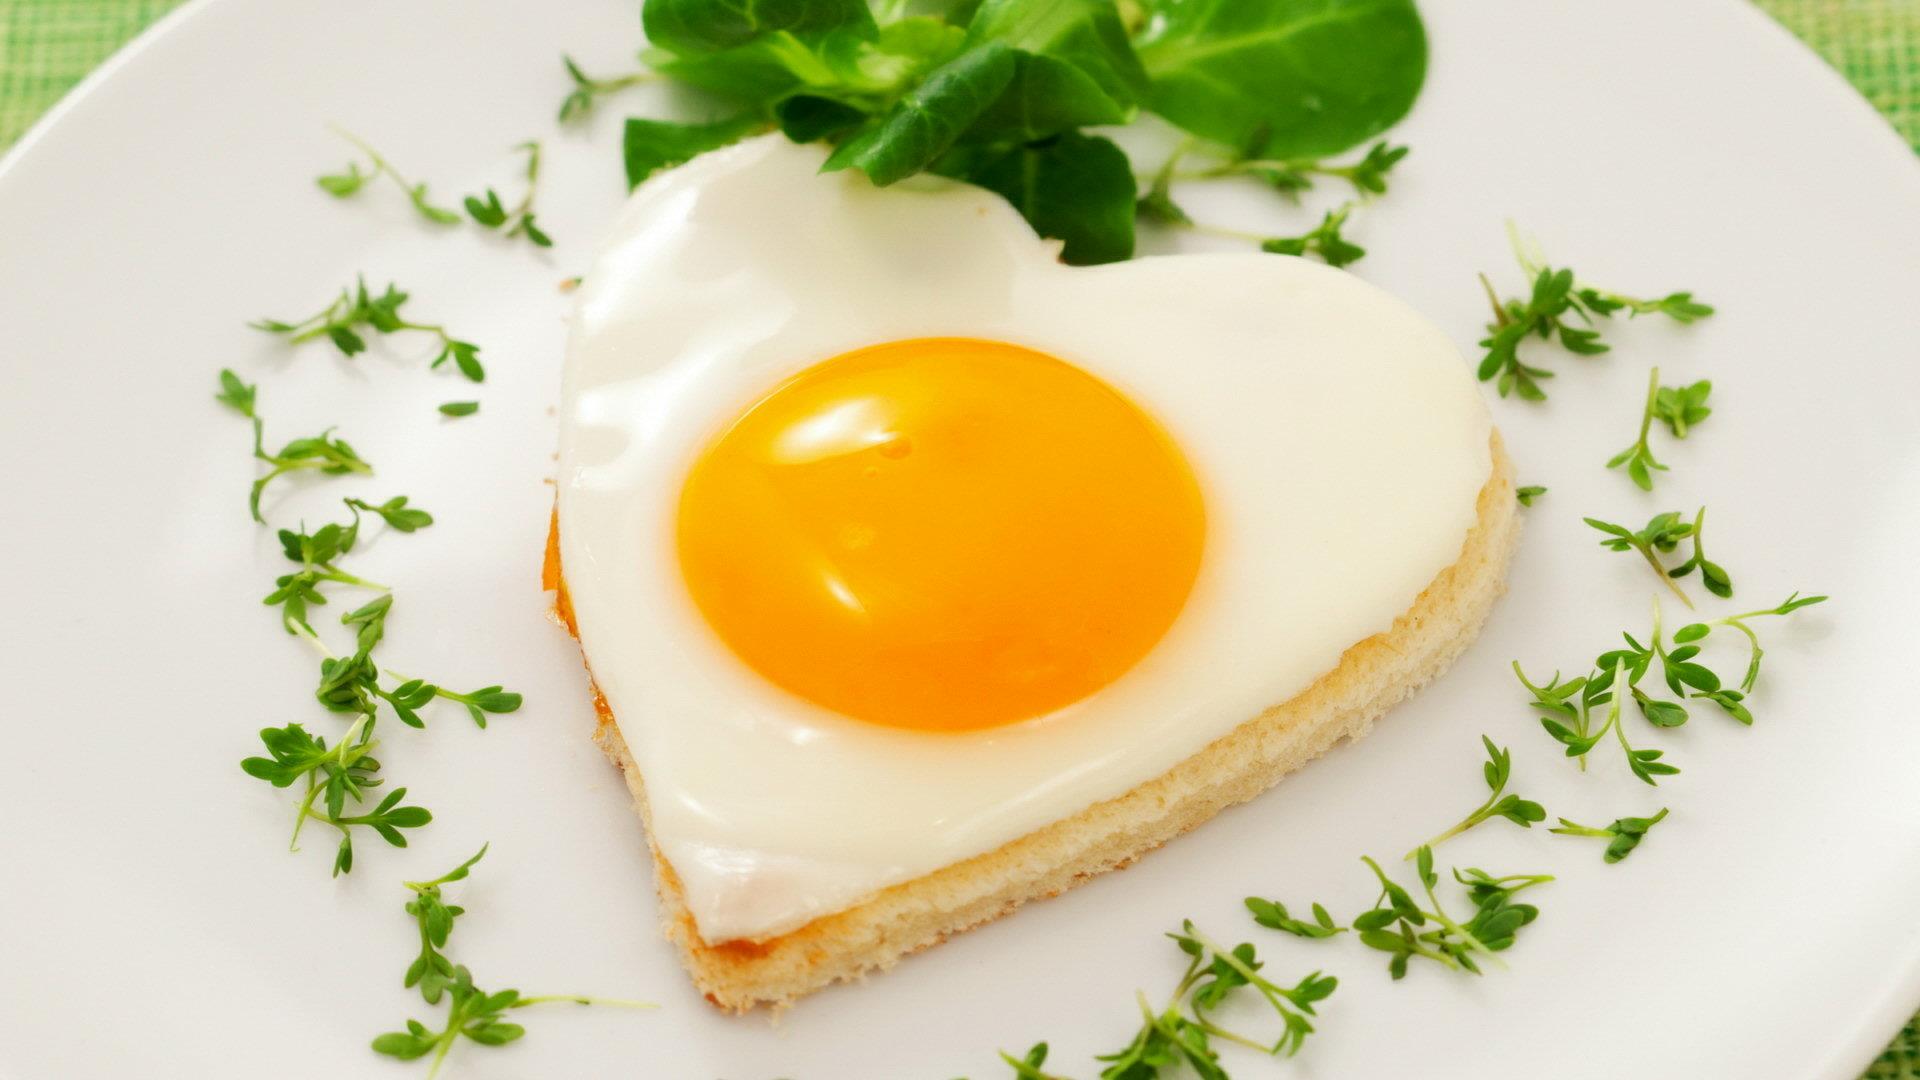 厨房新手也会做的爱心早餐